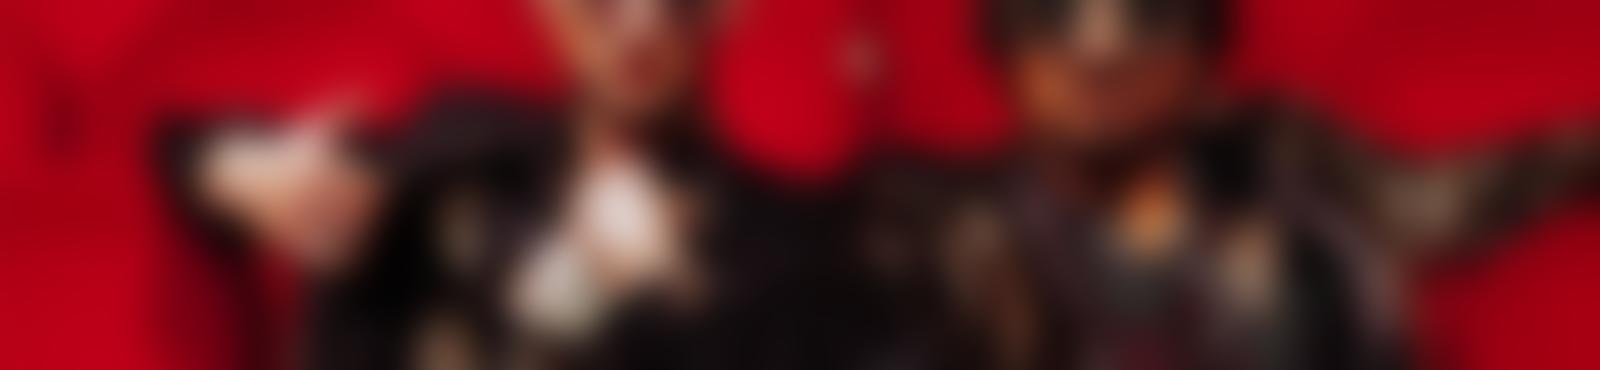 Blurred 0d93ce0c 88b5 4856 ab9d 3ce711ac221f